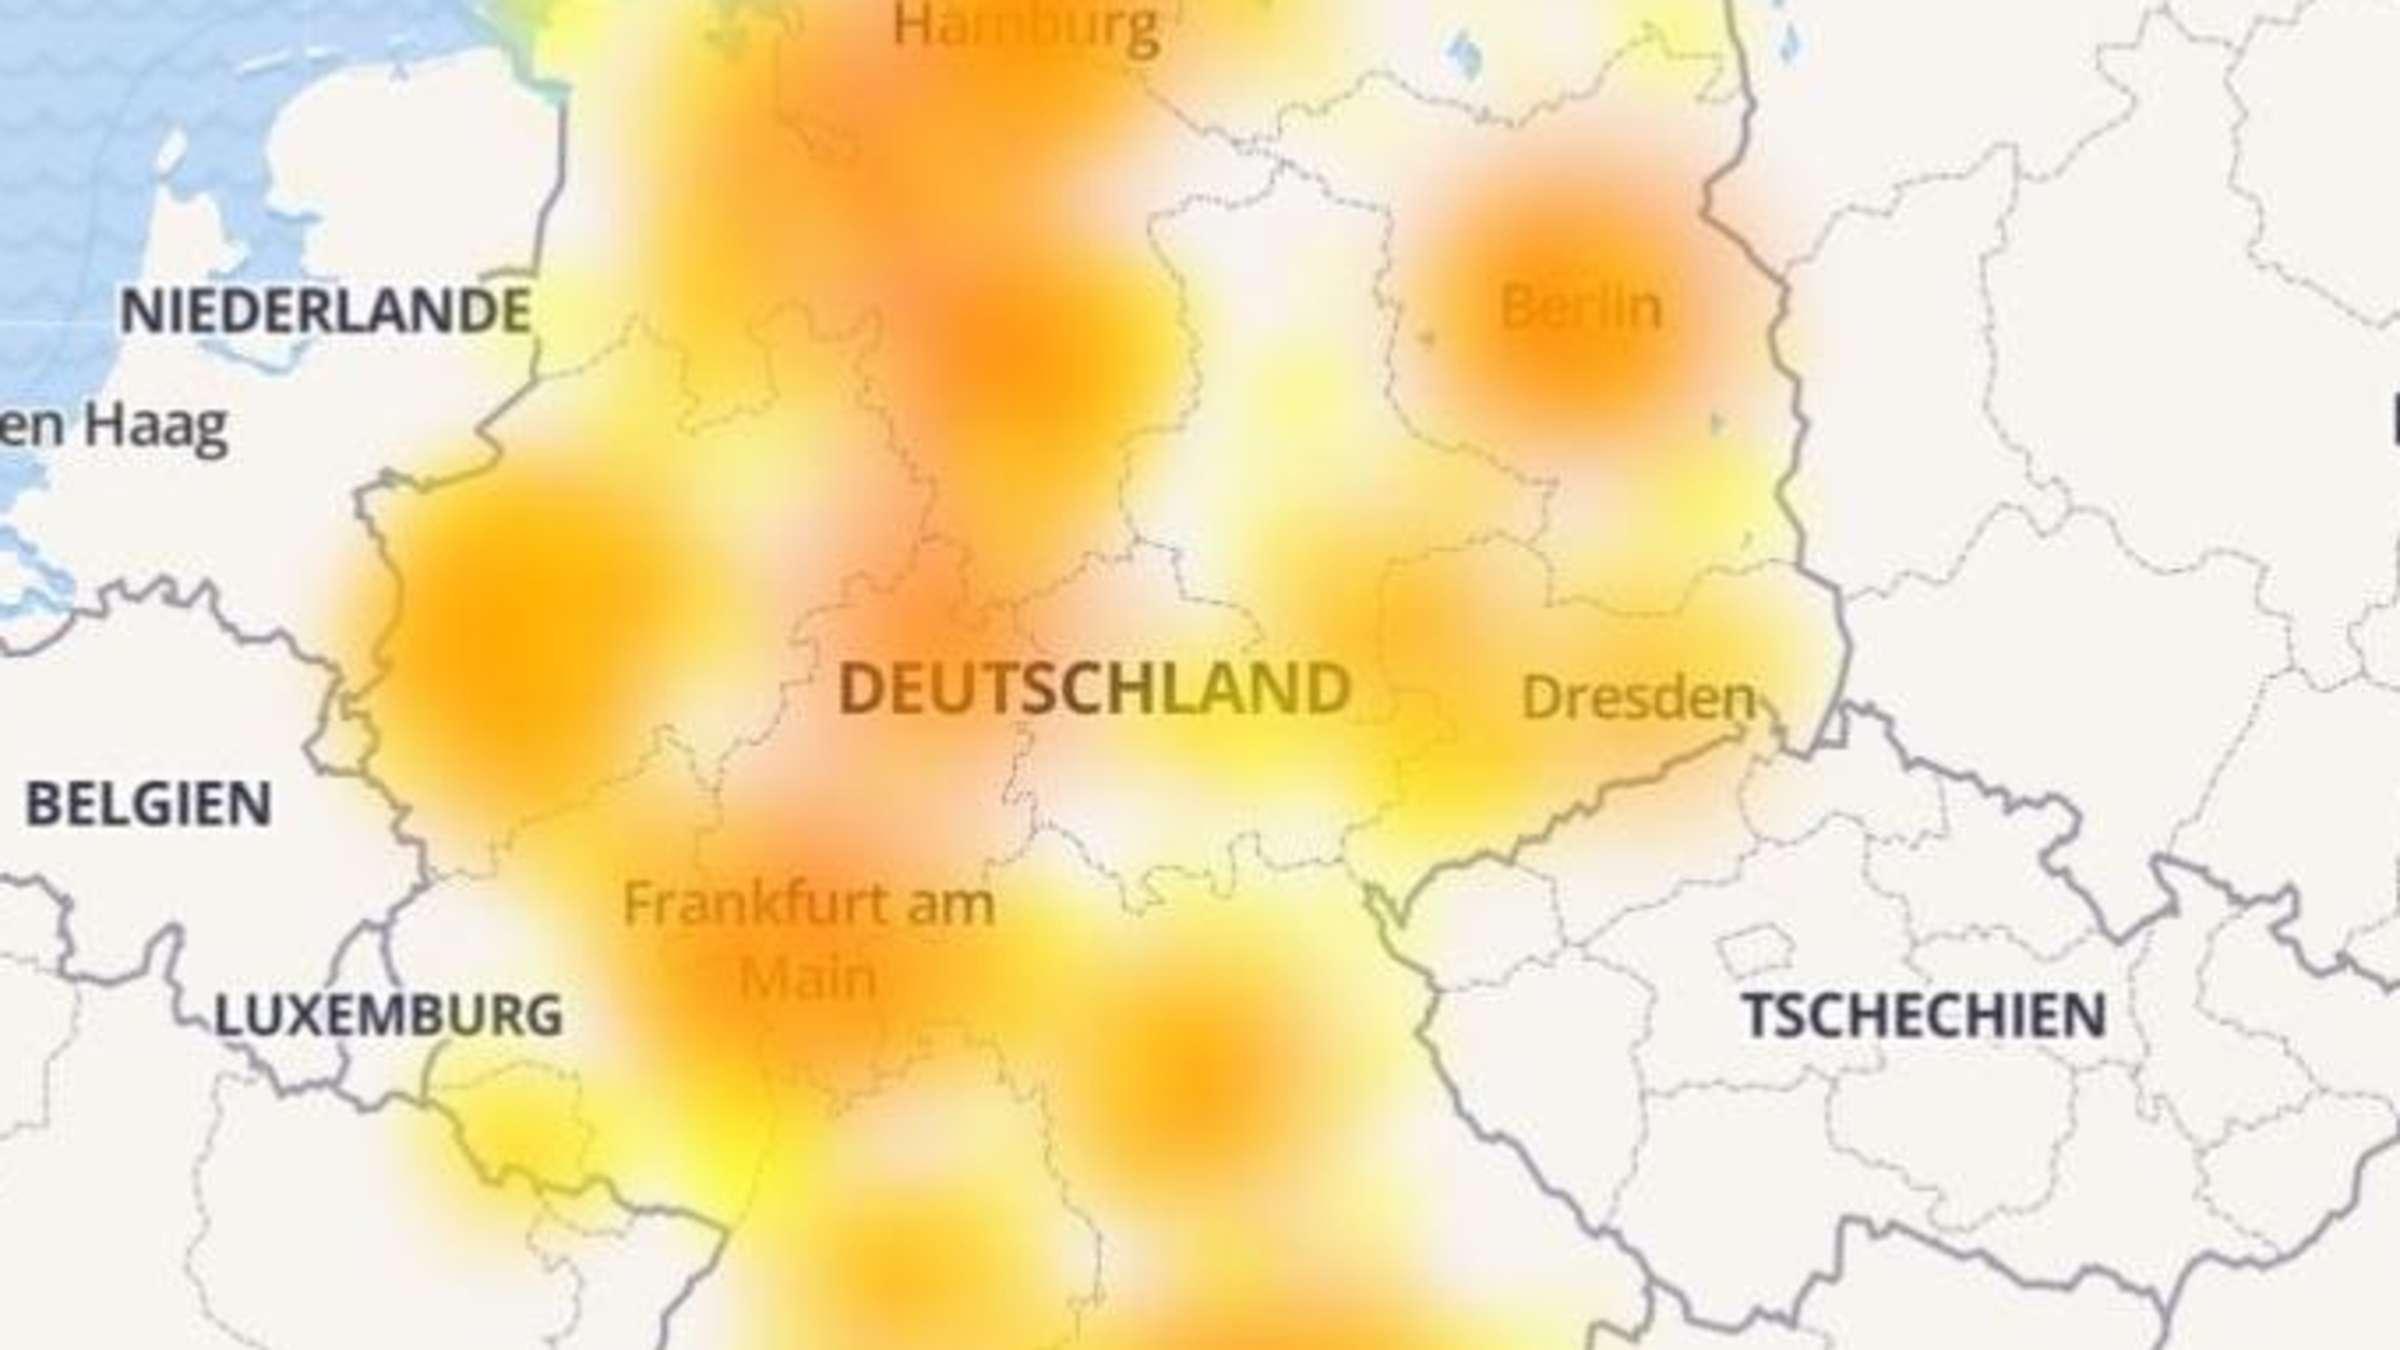 kabel deutschland störung aktuell